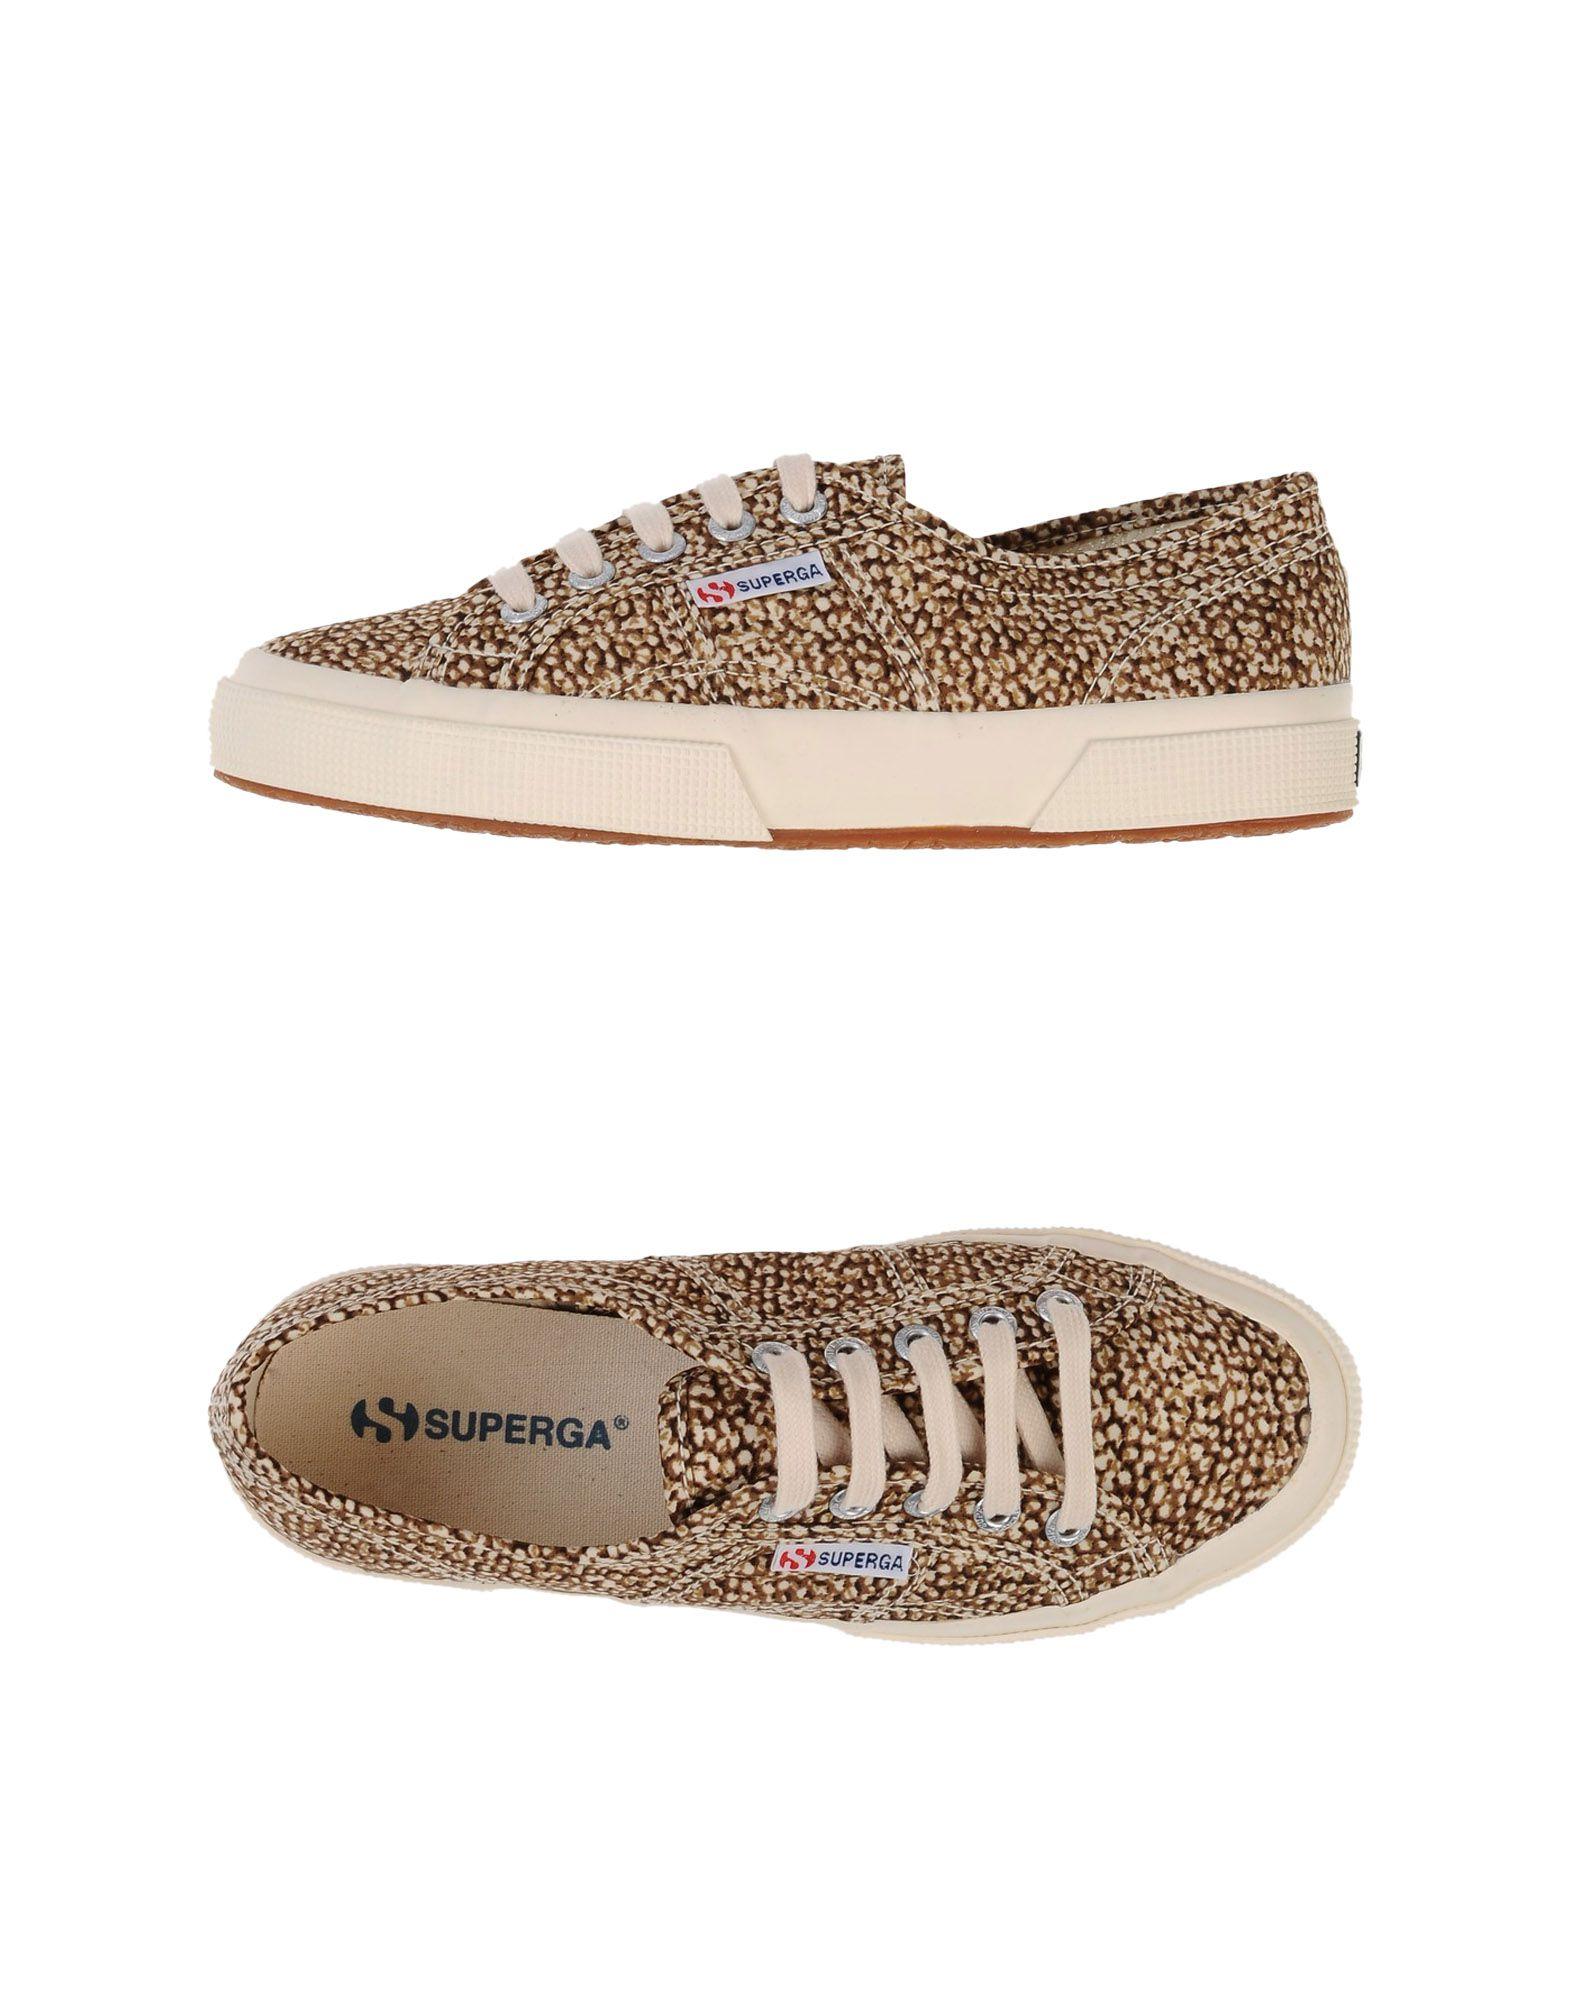 Superga® Sneakers Damen  44802489VD Gute Qualität beliebte Schuhe